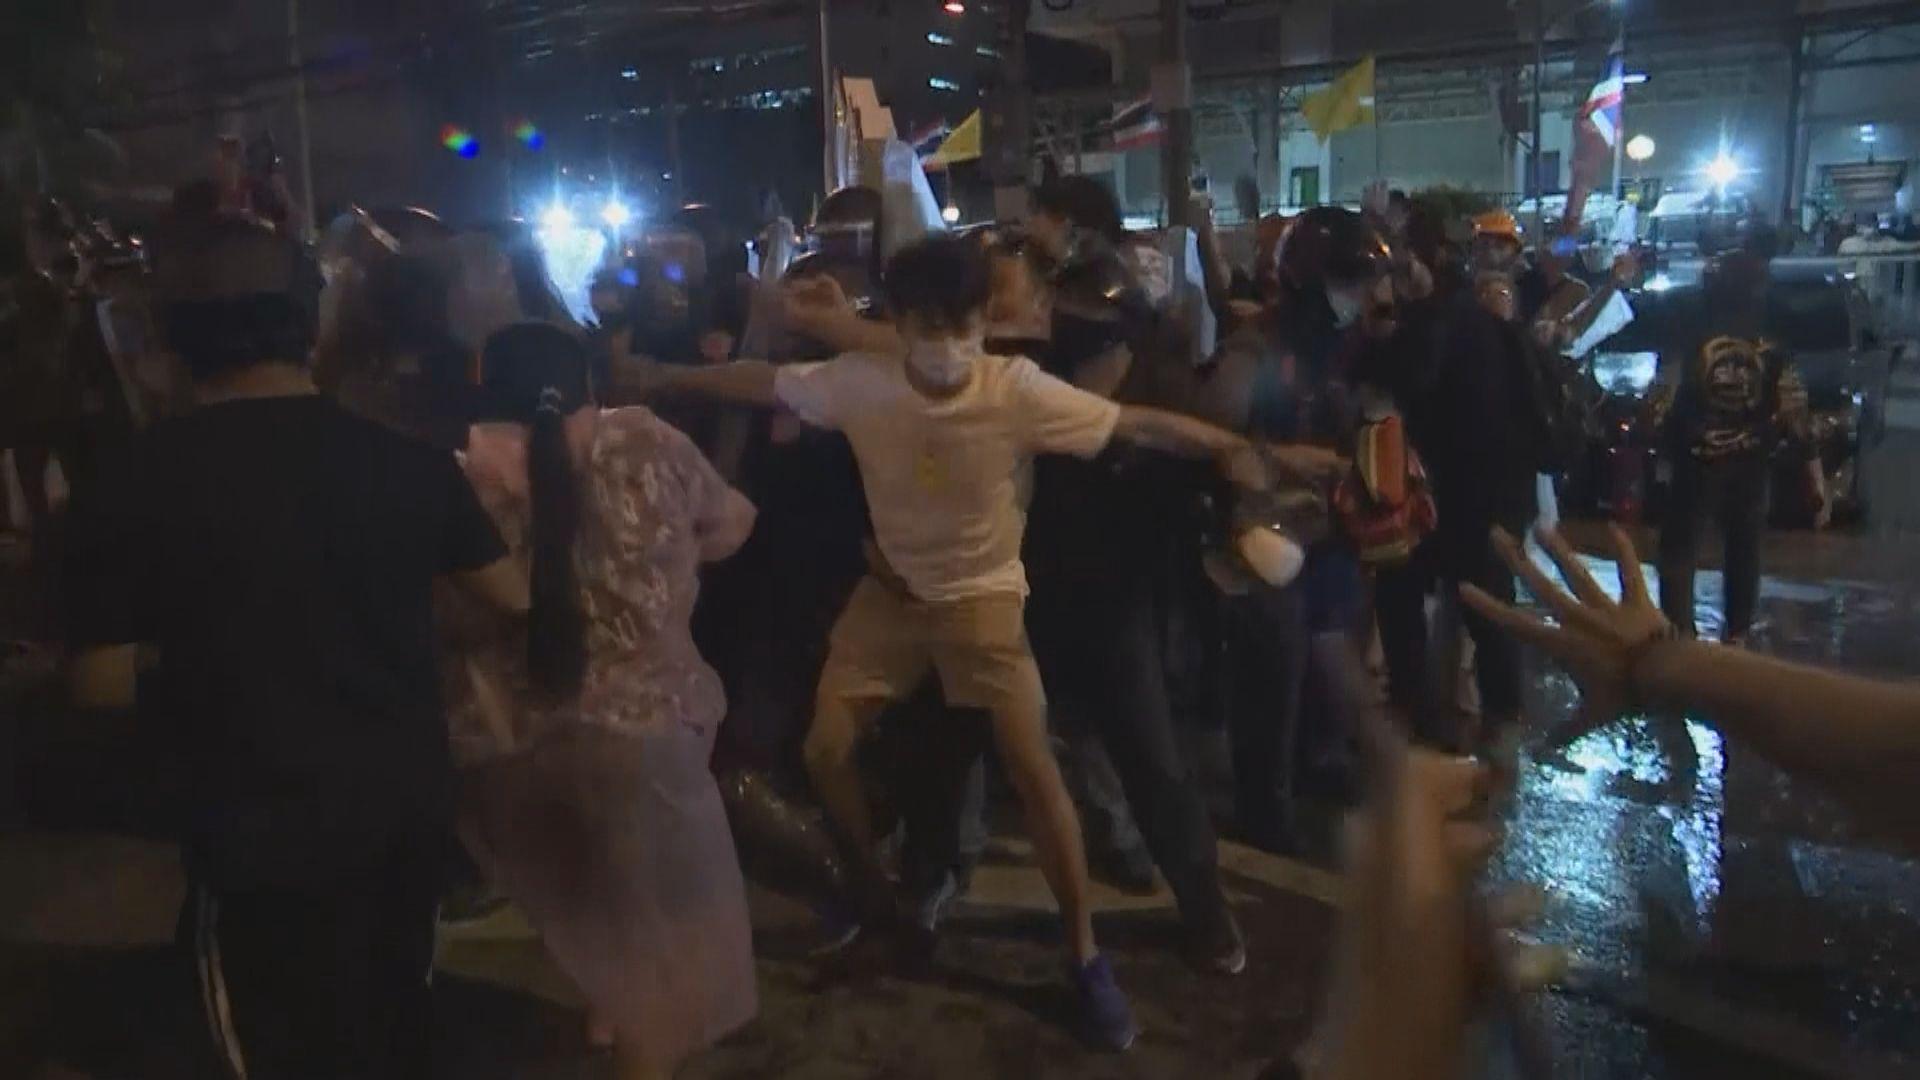 曼谷再有示威促泰王放棄兵權